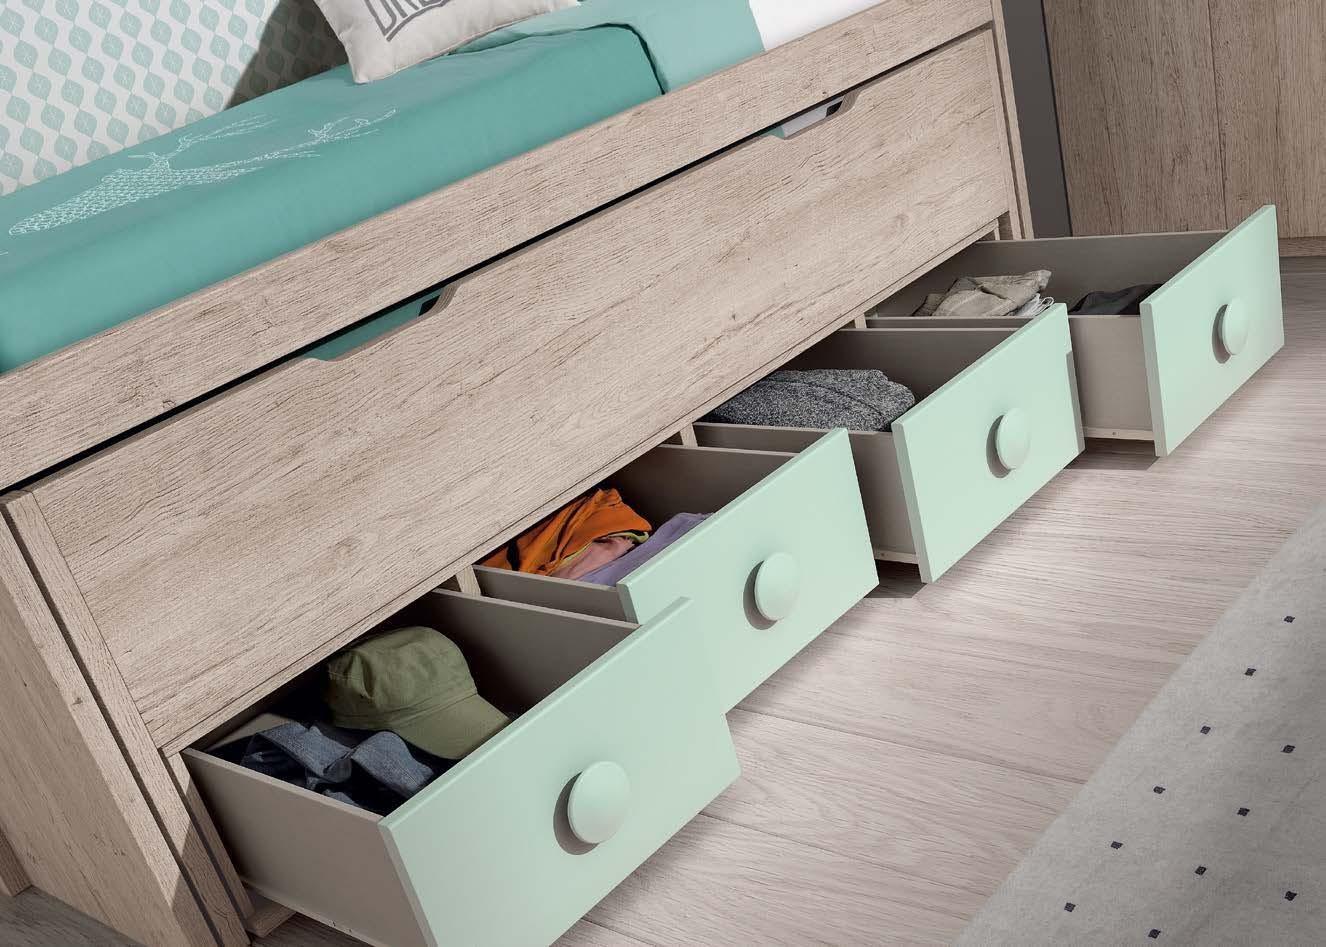 lit enfant mi hauteur et lit gigogne glicerio so nuit. Black Bedroom Furniture Sets. Home Design Ideas